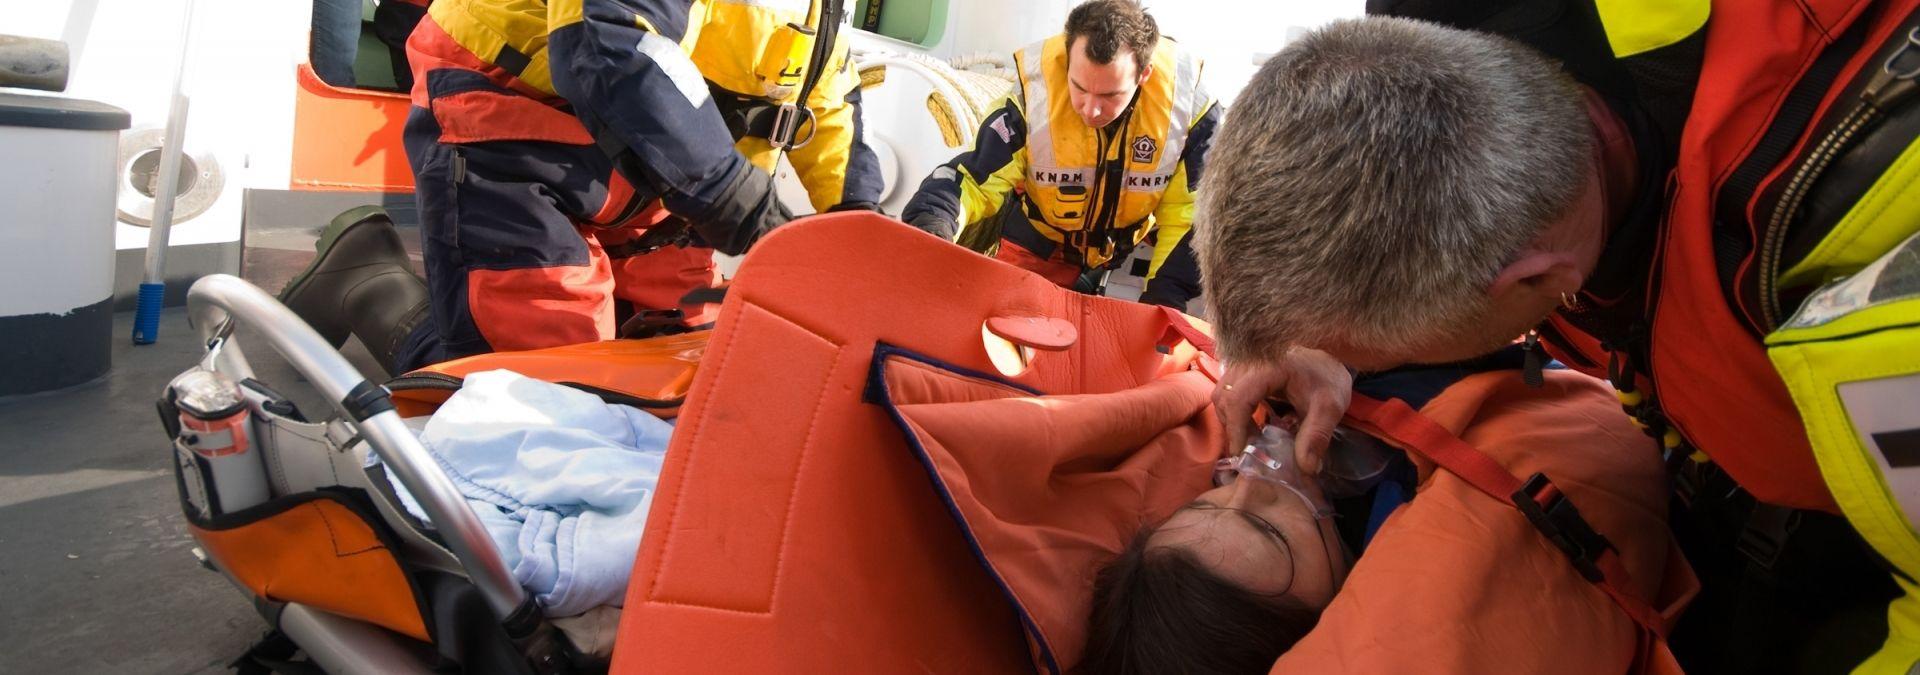 KNRM eerste hulp aan boord reddingboot | Foto Jan de Koning